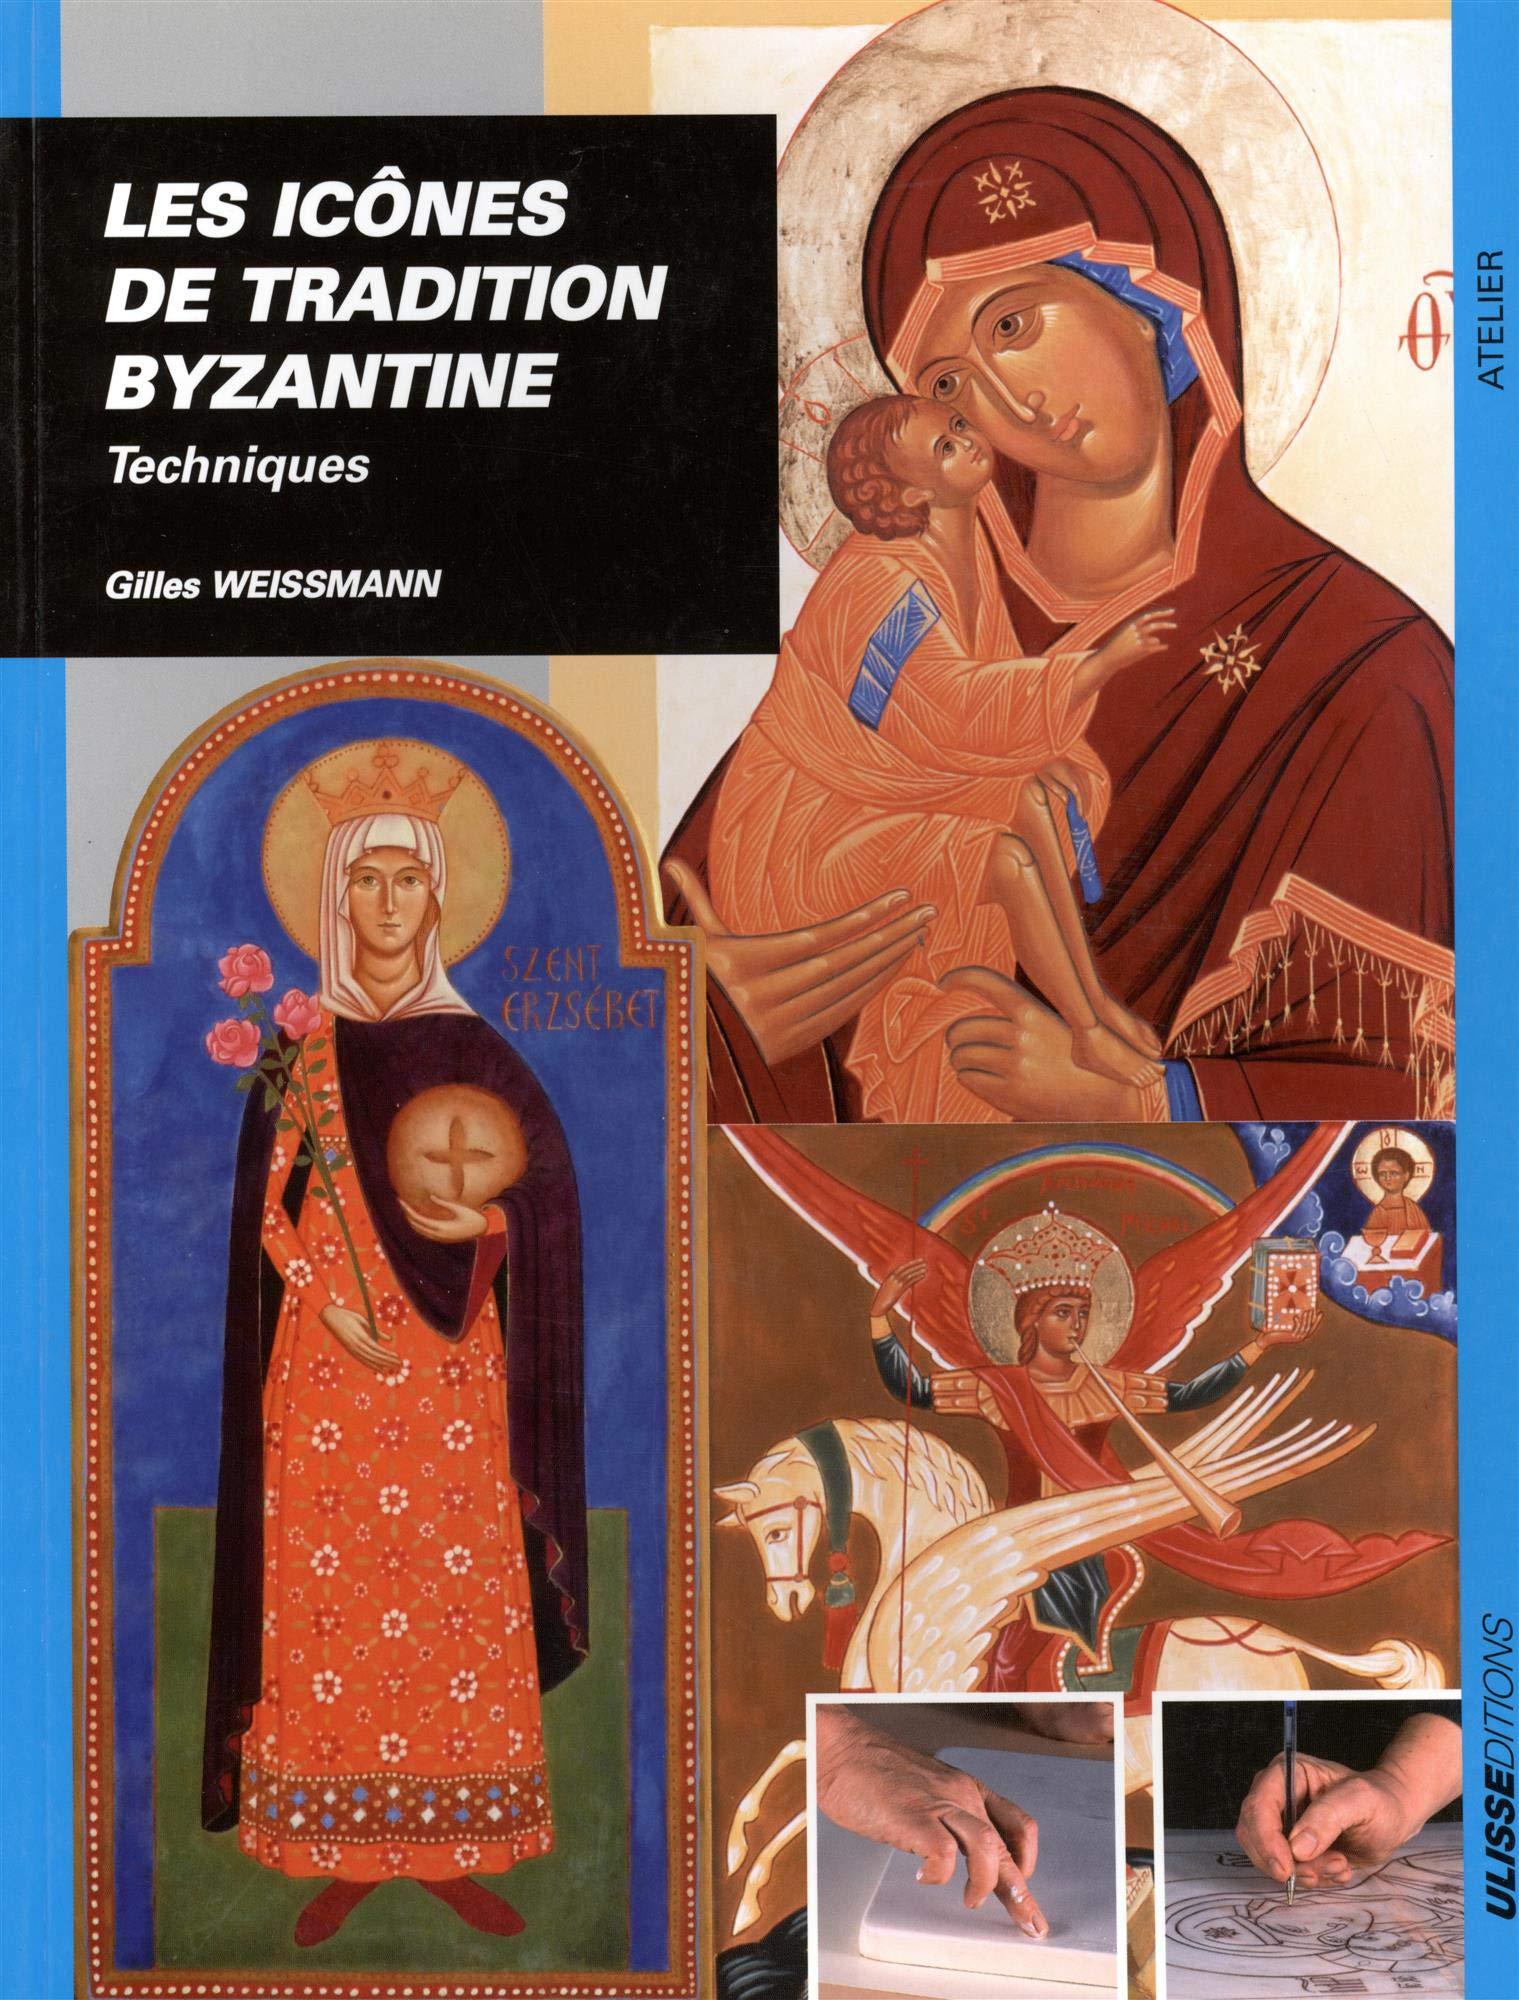 Amazon.fr - Les icônes de tradition Byzantine : Techniques - Gilles Weissmann, Gérard Boulanger - Livres